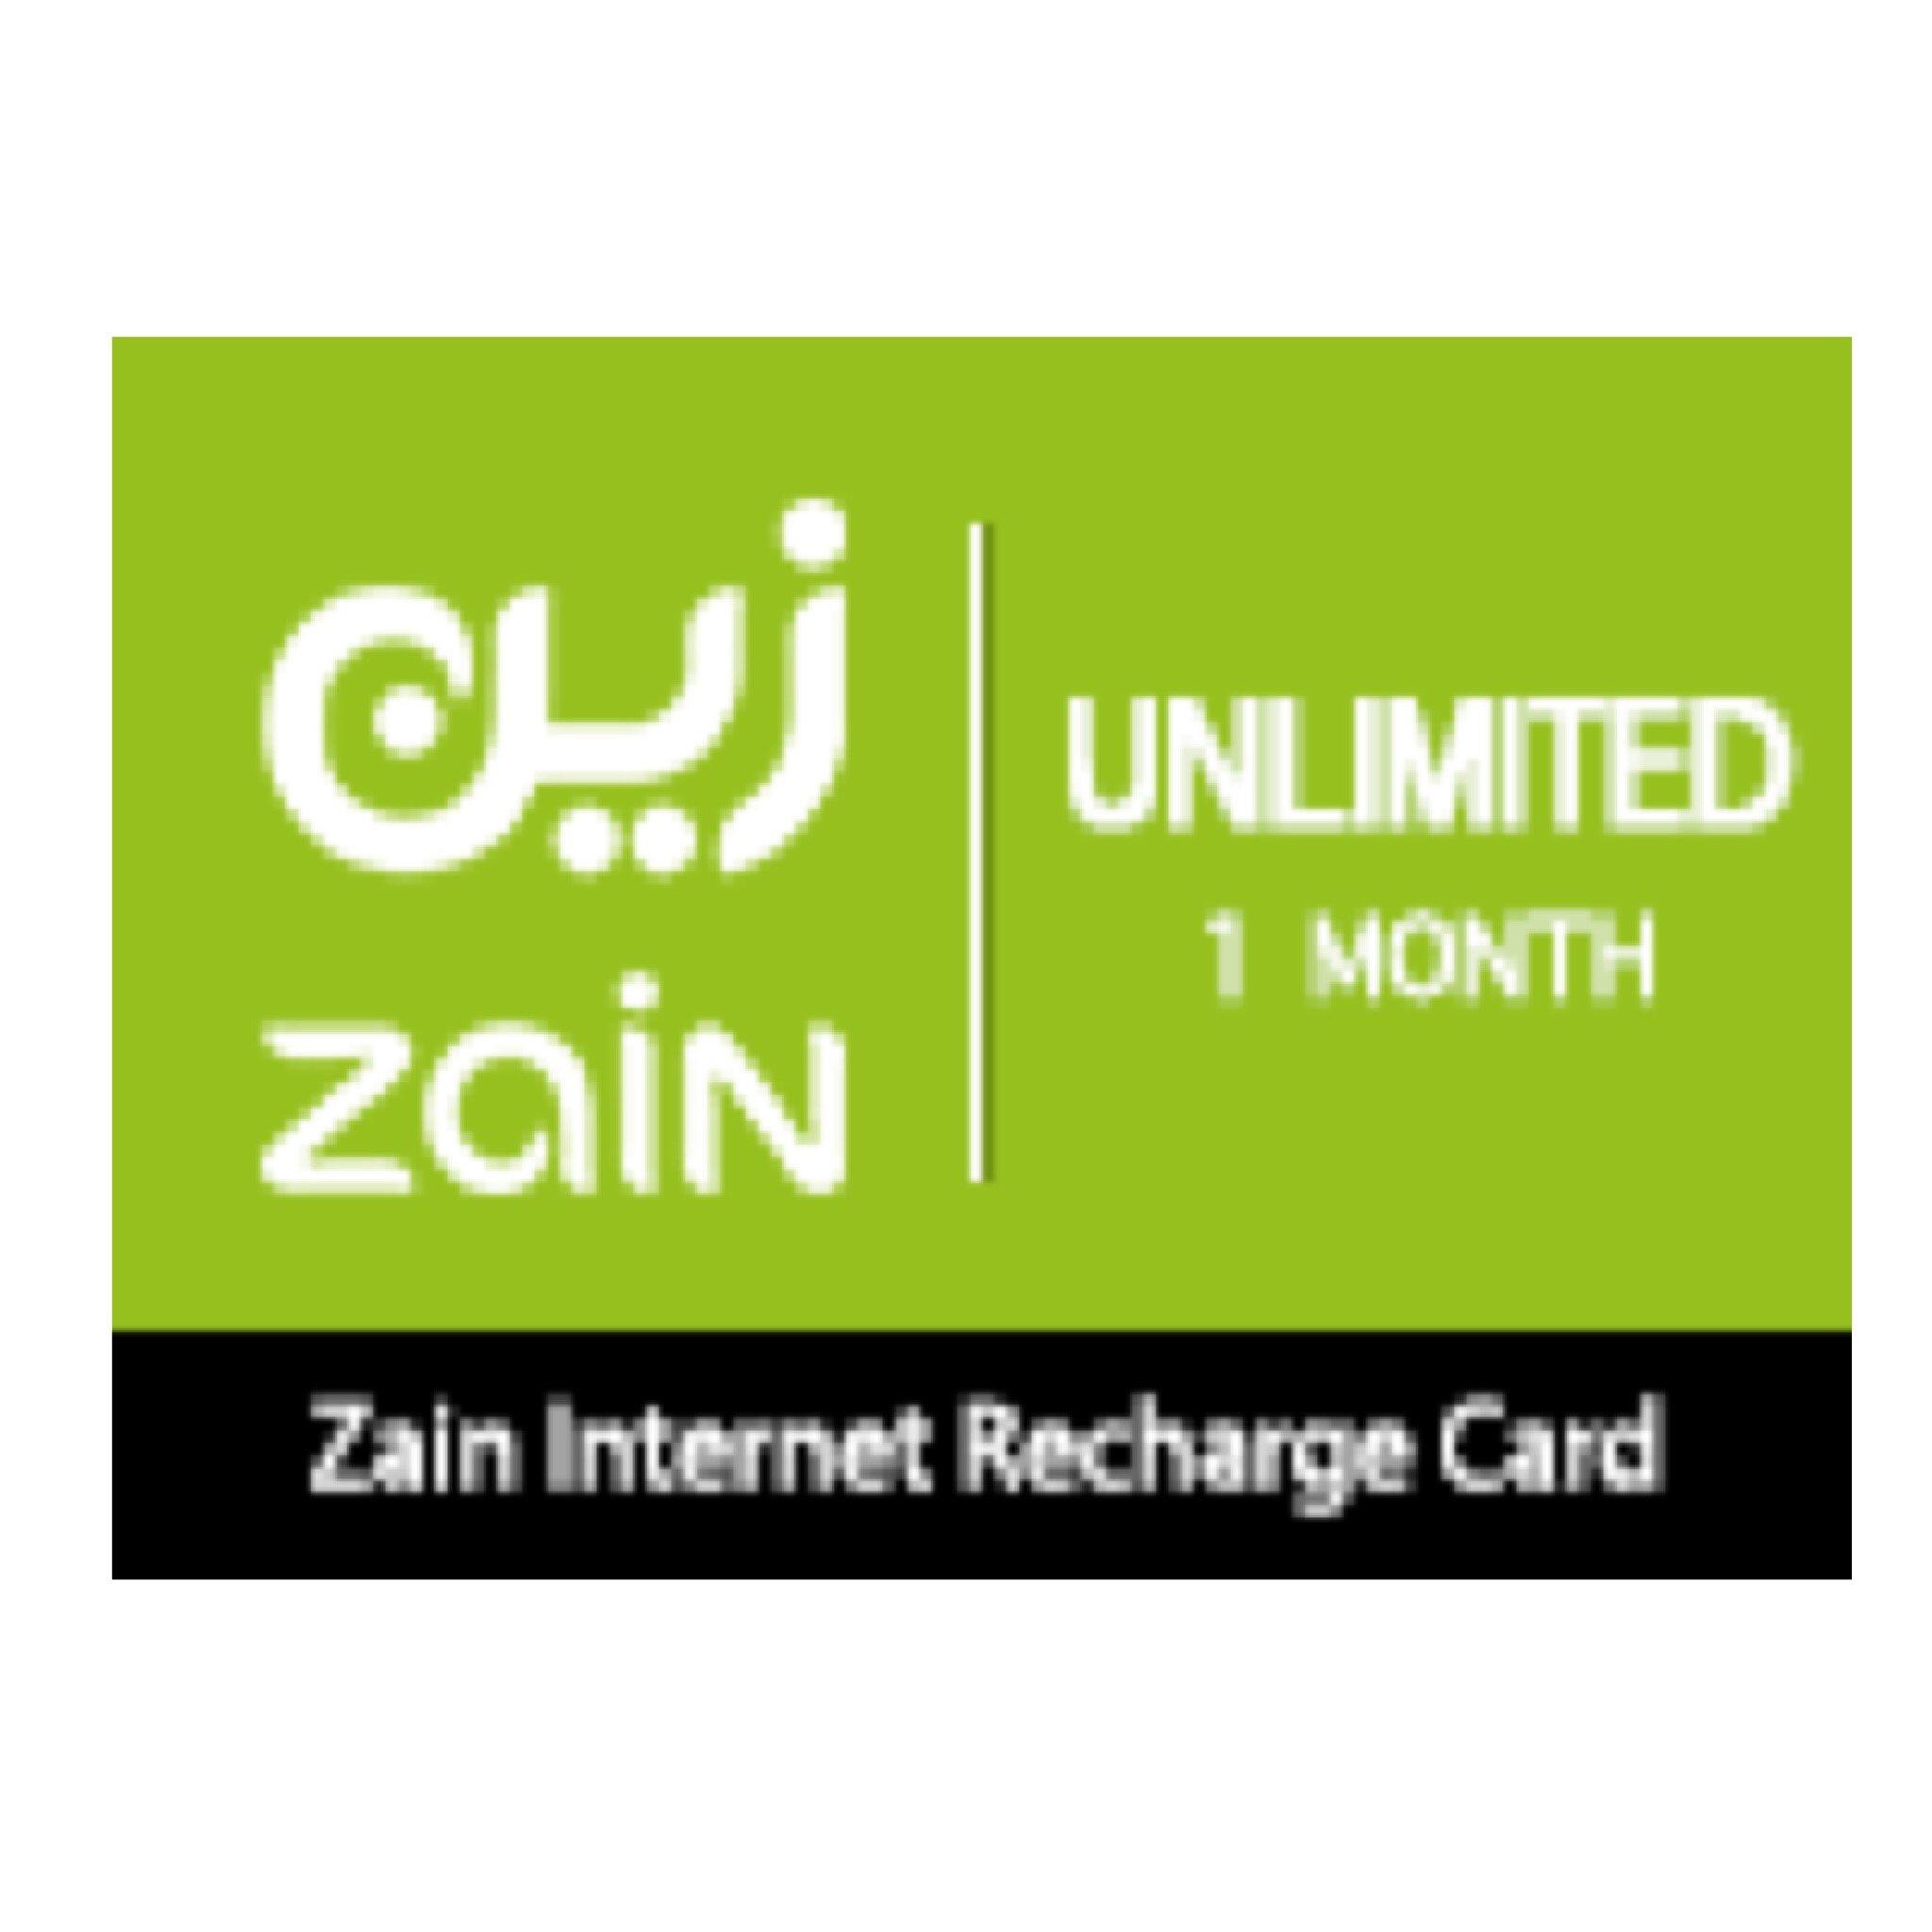 بطاقة زين مسبقة الدفع لشحن الانترنت مفتوح -لمدةً شهر | فور جي للاتصالات